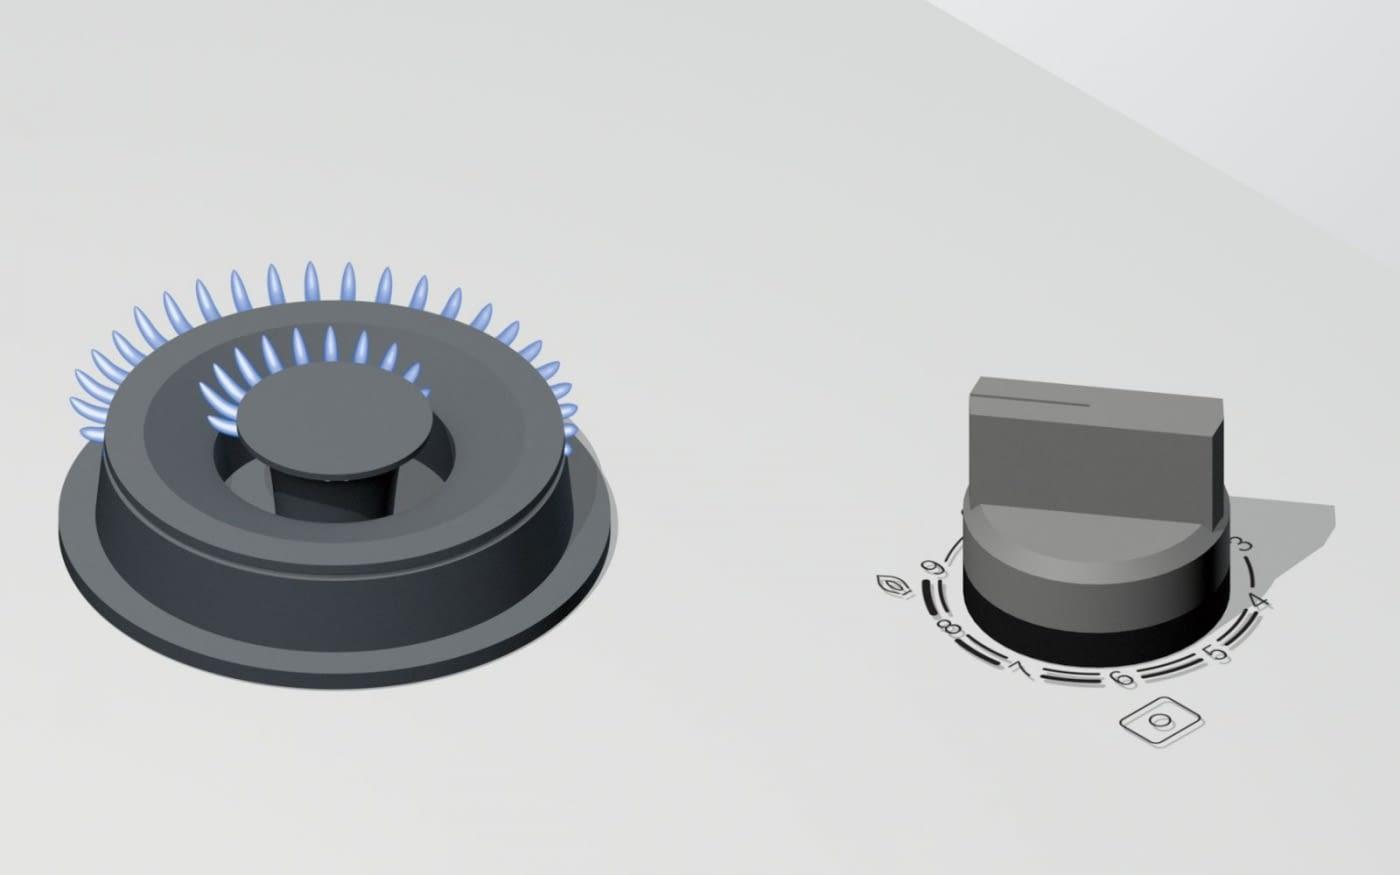 Flame Select